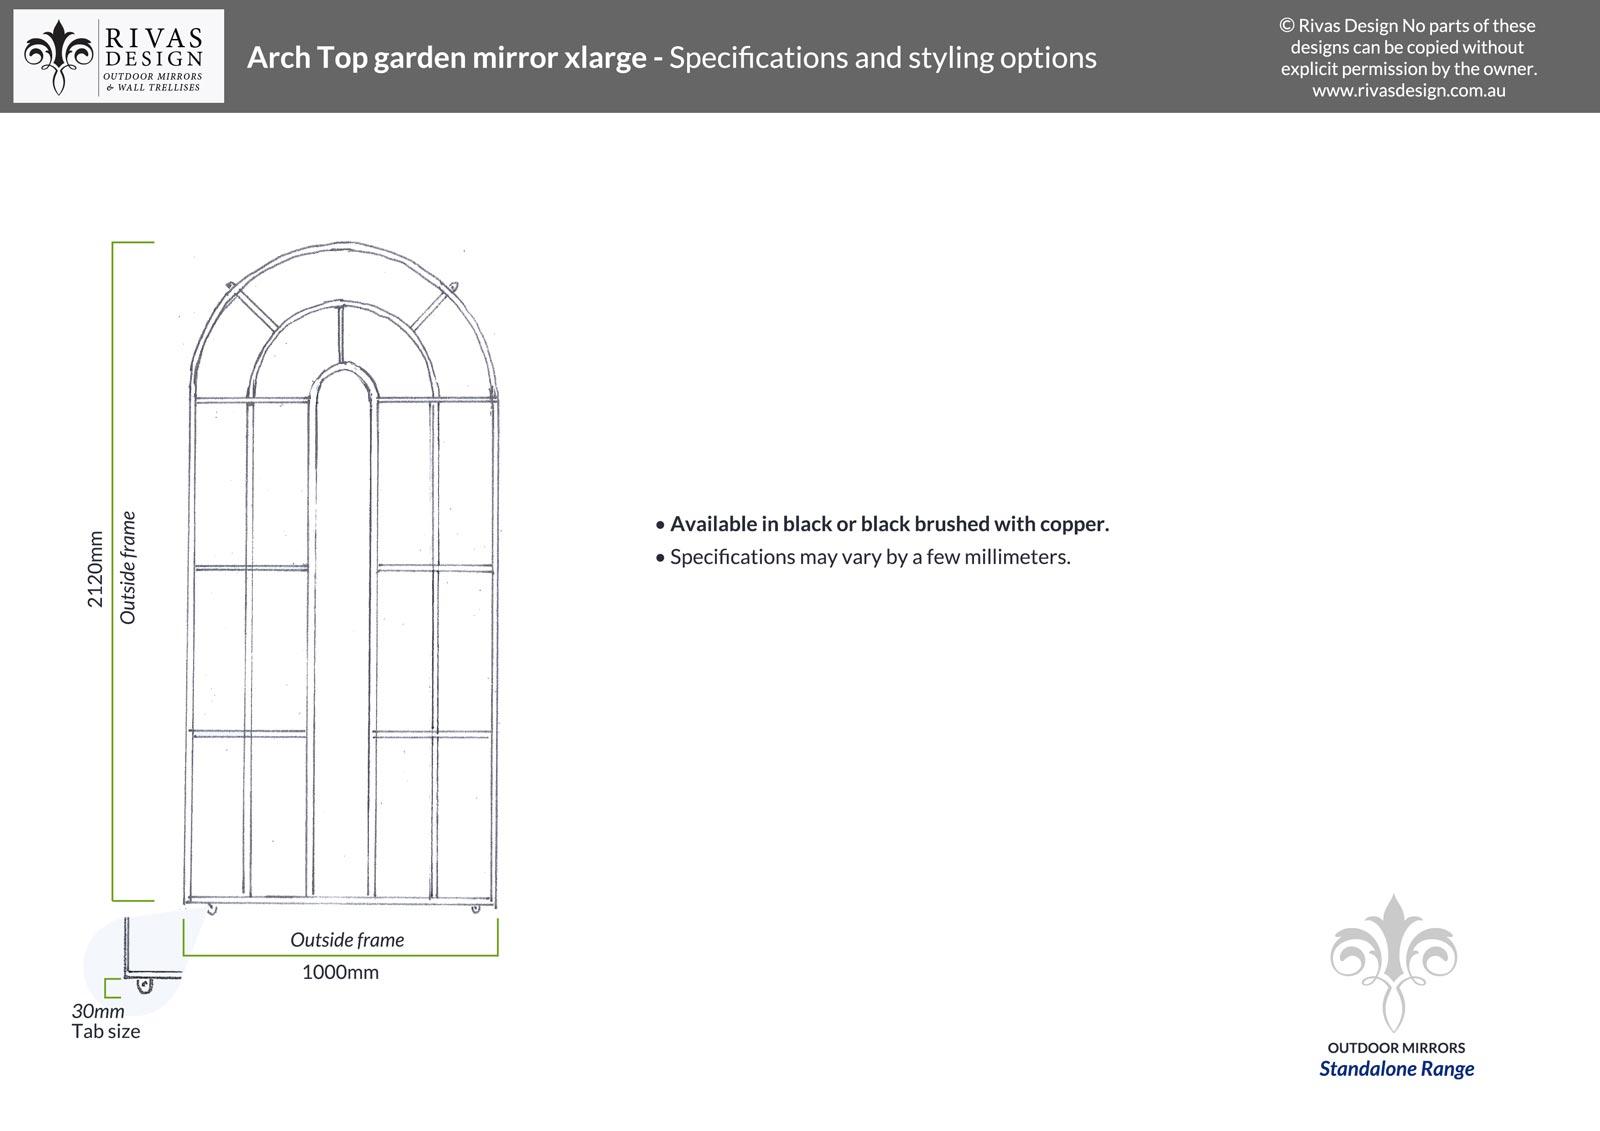 Arch Top garden mirror xlarge